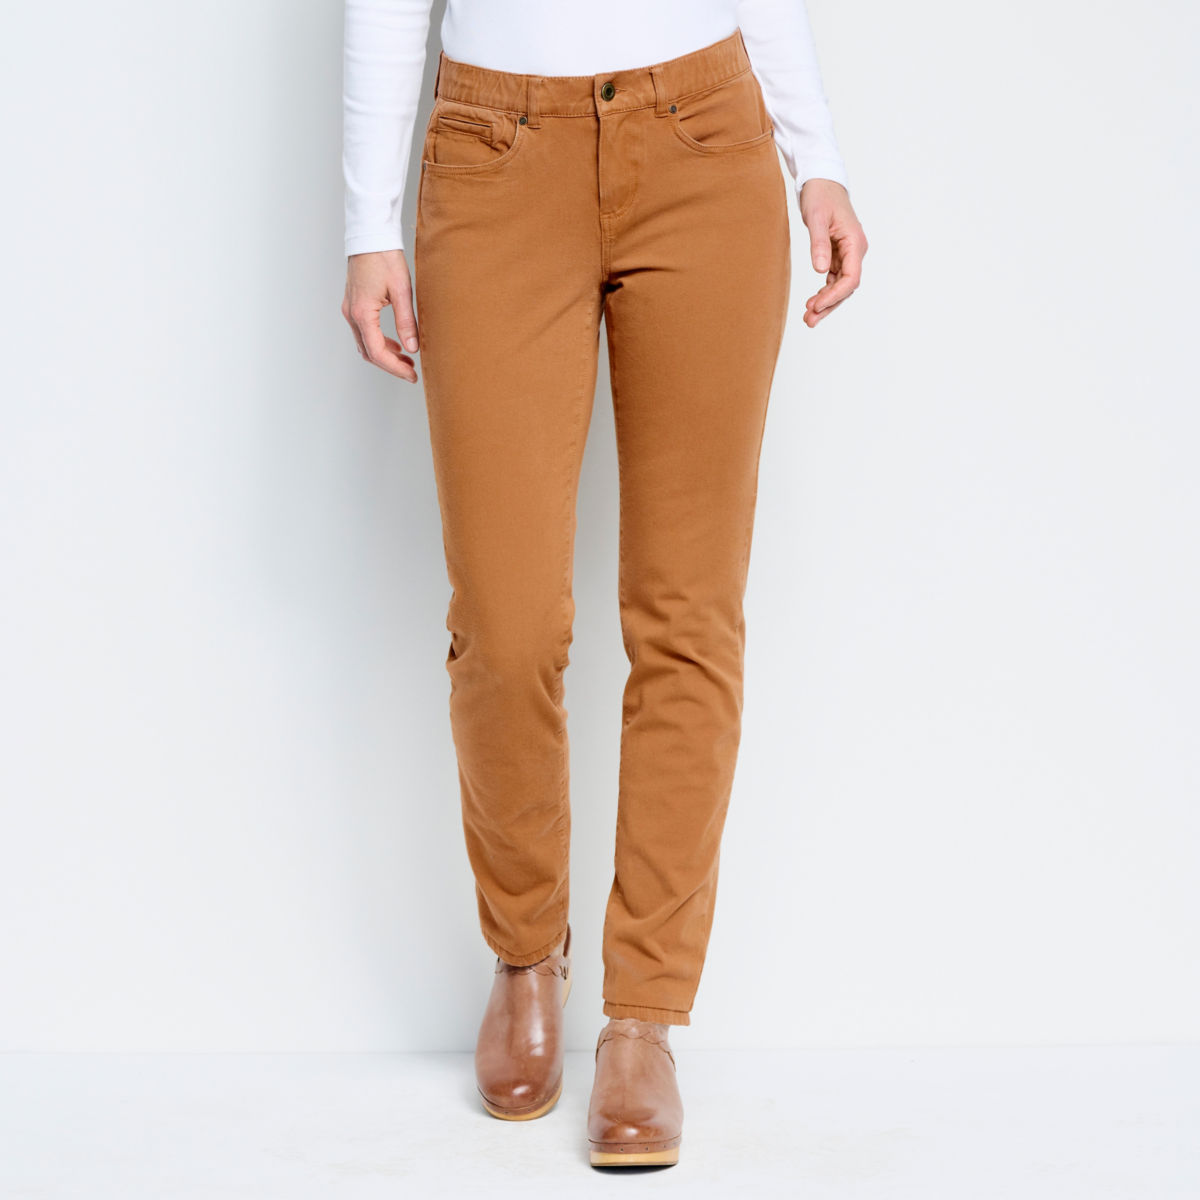 5-Pocket Stretch Jeans - image number 0